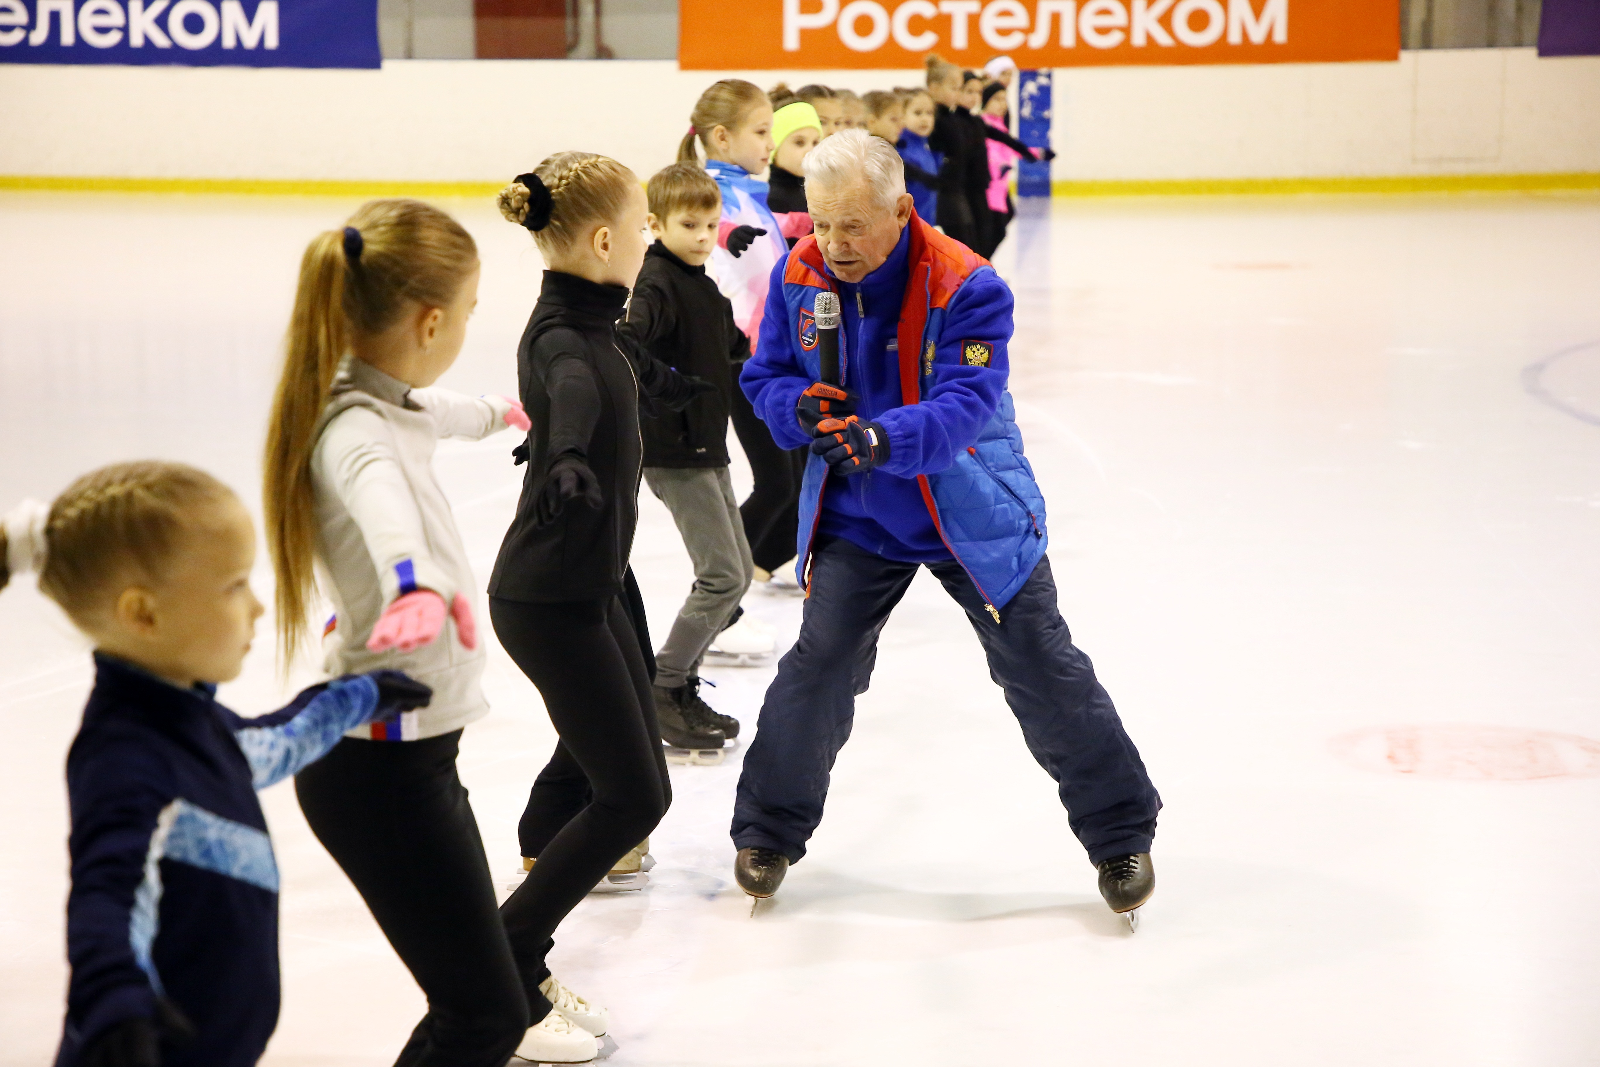 Тренер чемпионов Виктор Кудрявцев дал мастер-класс юным тверским фигуристам